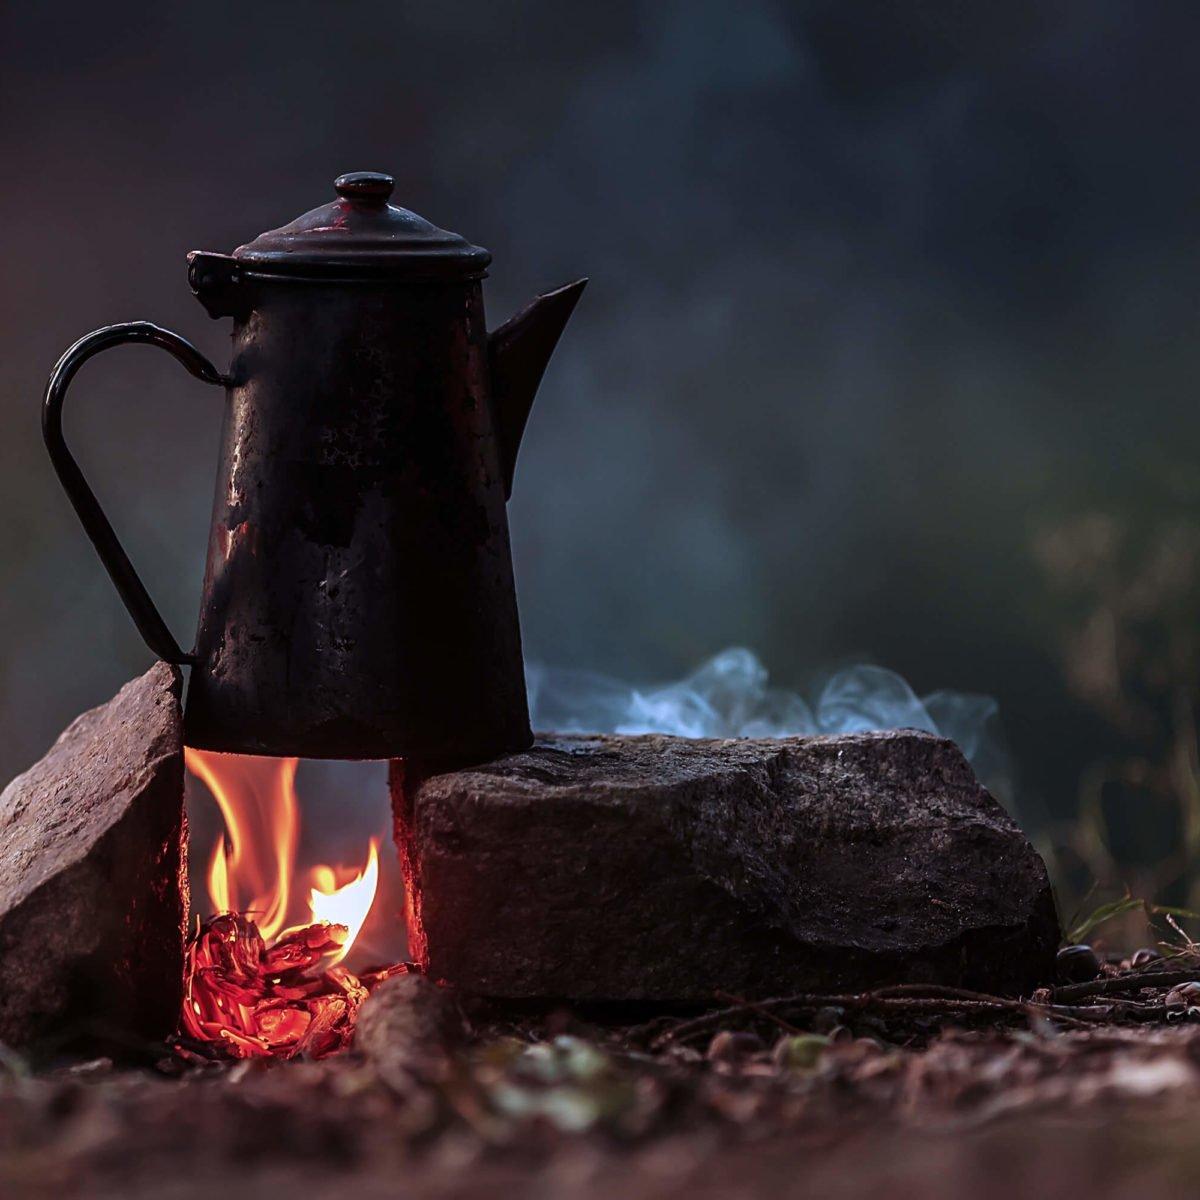 A tea kettle on a camp fire.